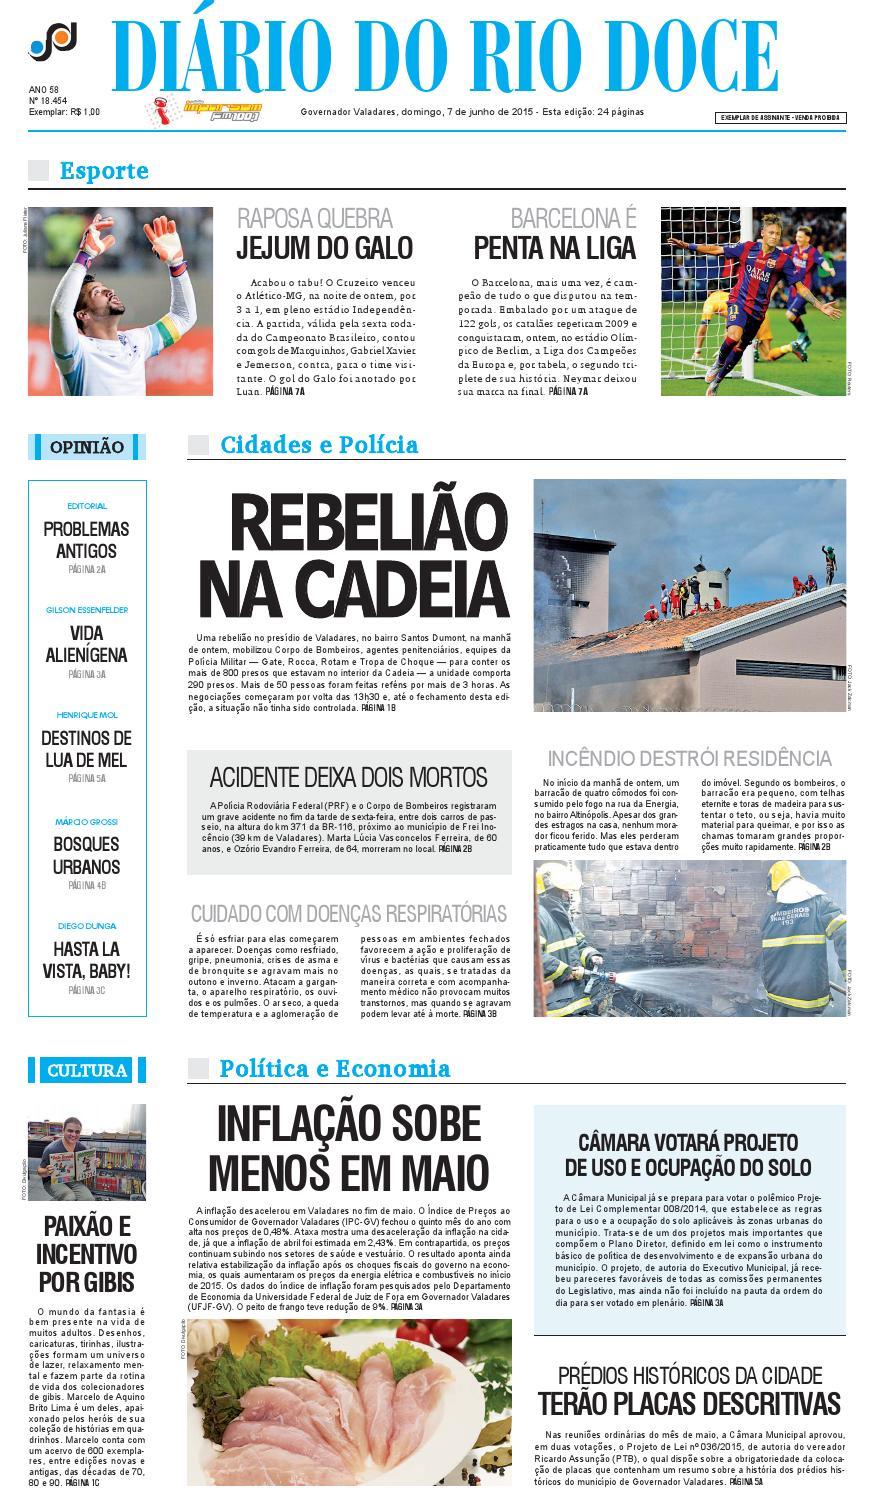 5f74d94a9e Diário do Rio Doce - Edição de 07 06 2015 by Diário do Rio Doce - issuu